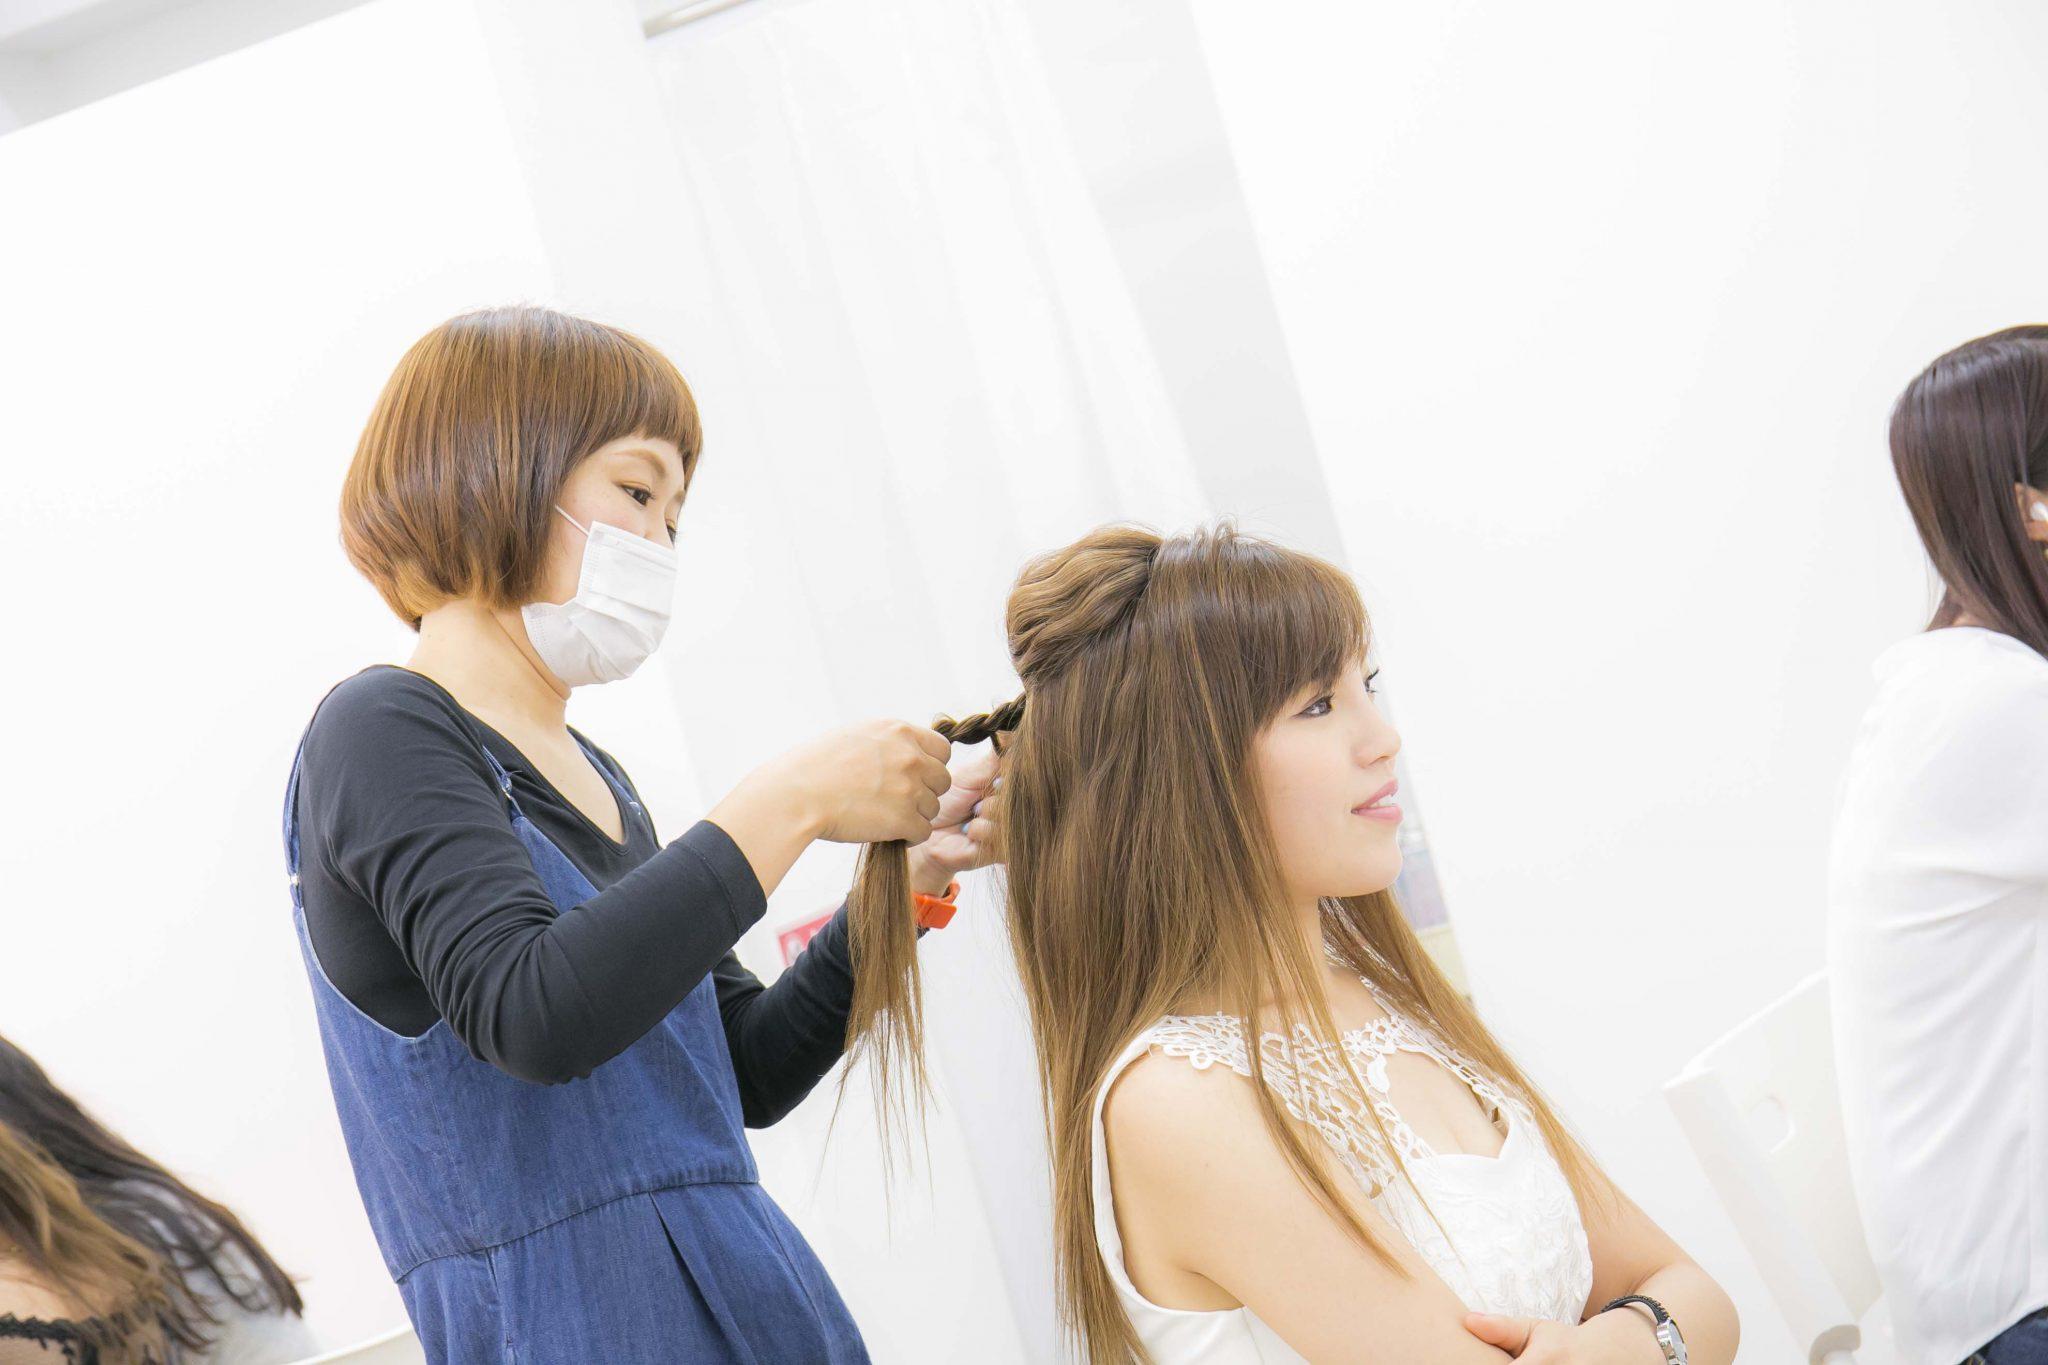 キャバ嬢の女の子をヘアセットするスタイリストの女性3